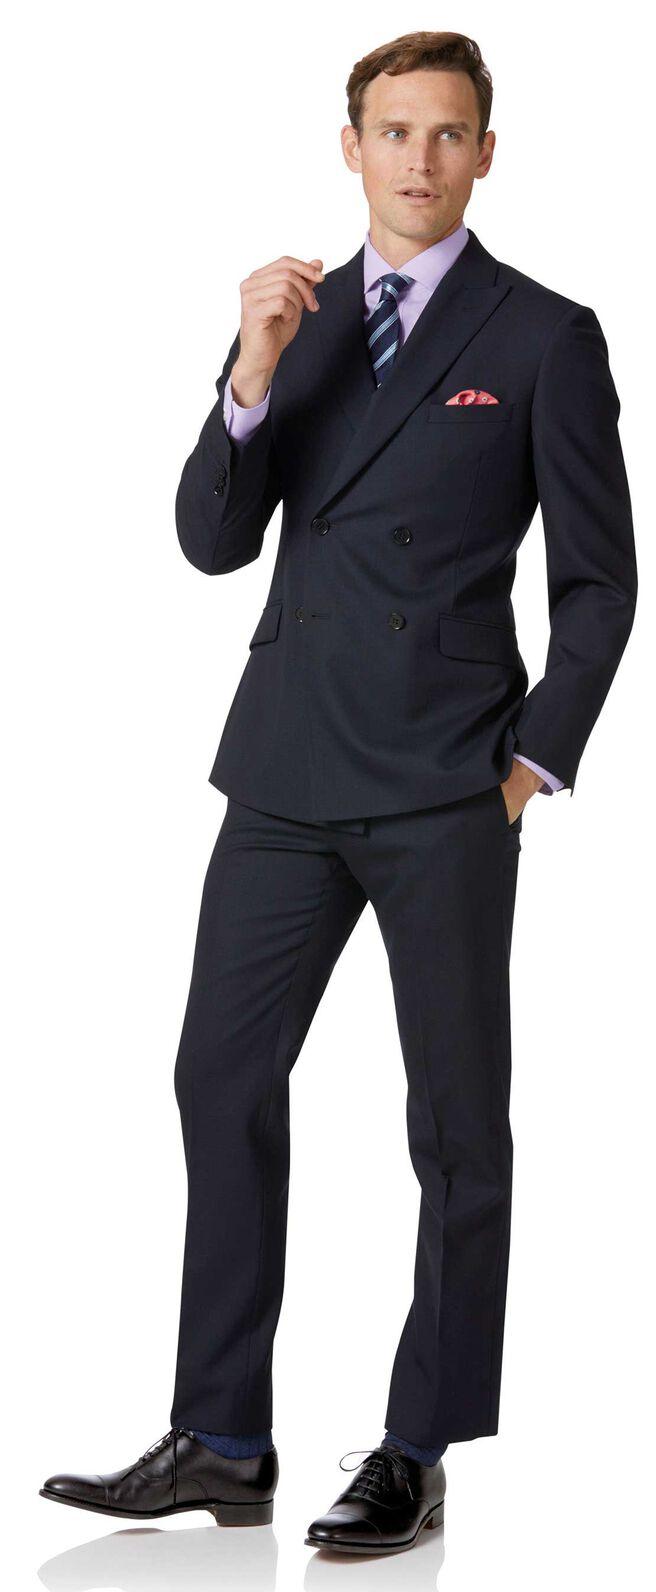 Zweireihiger Slim Fit Businessanzug aus Merinowolle in Nachtblau